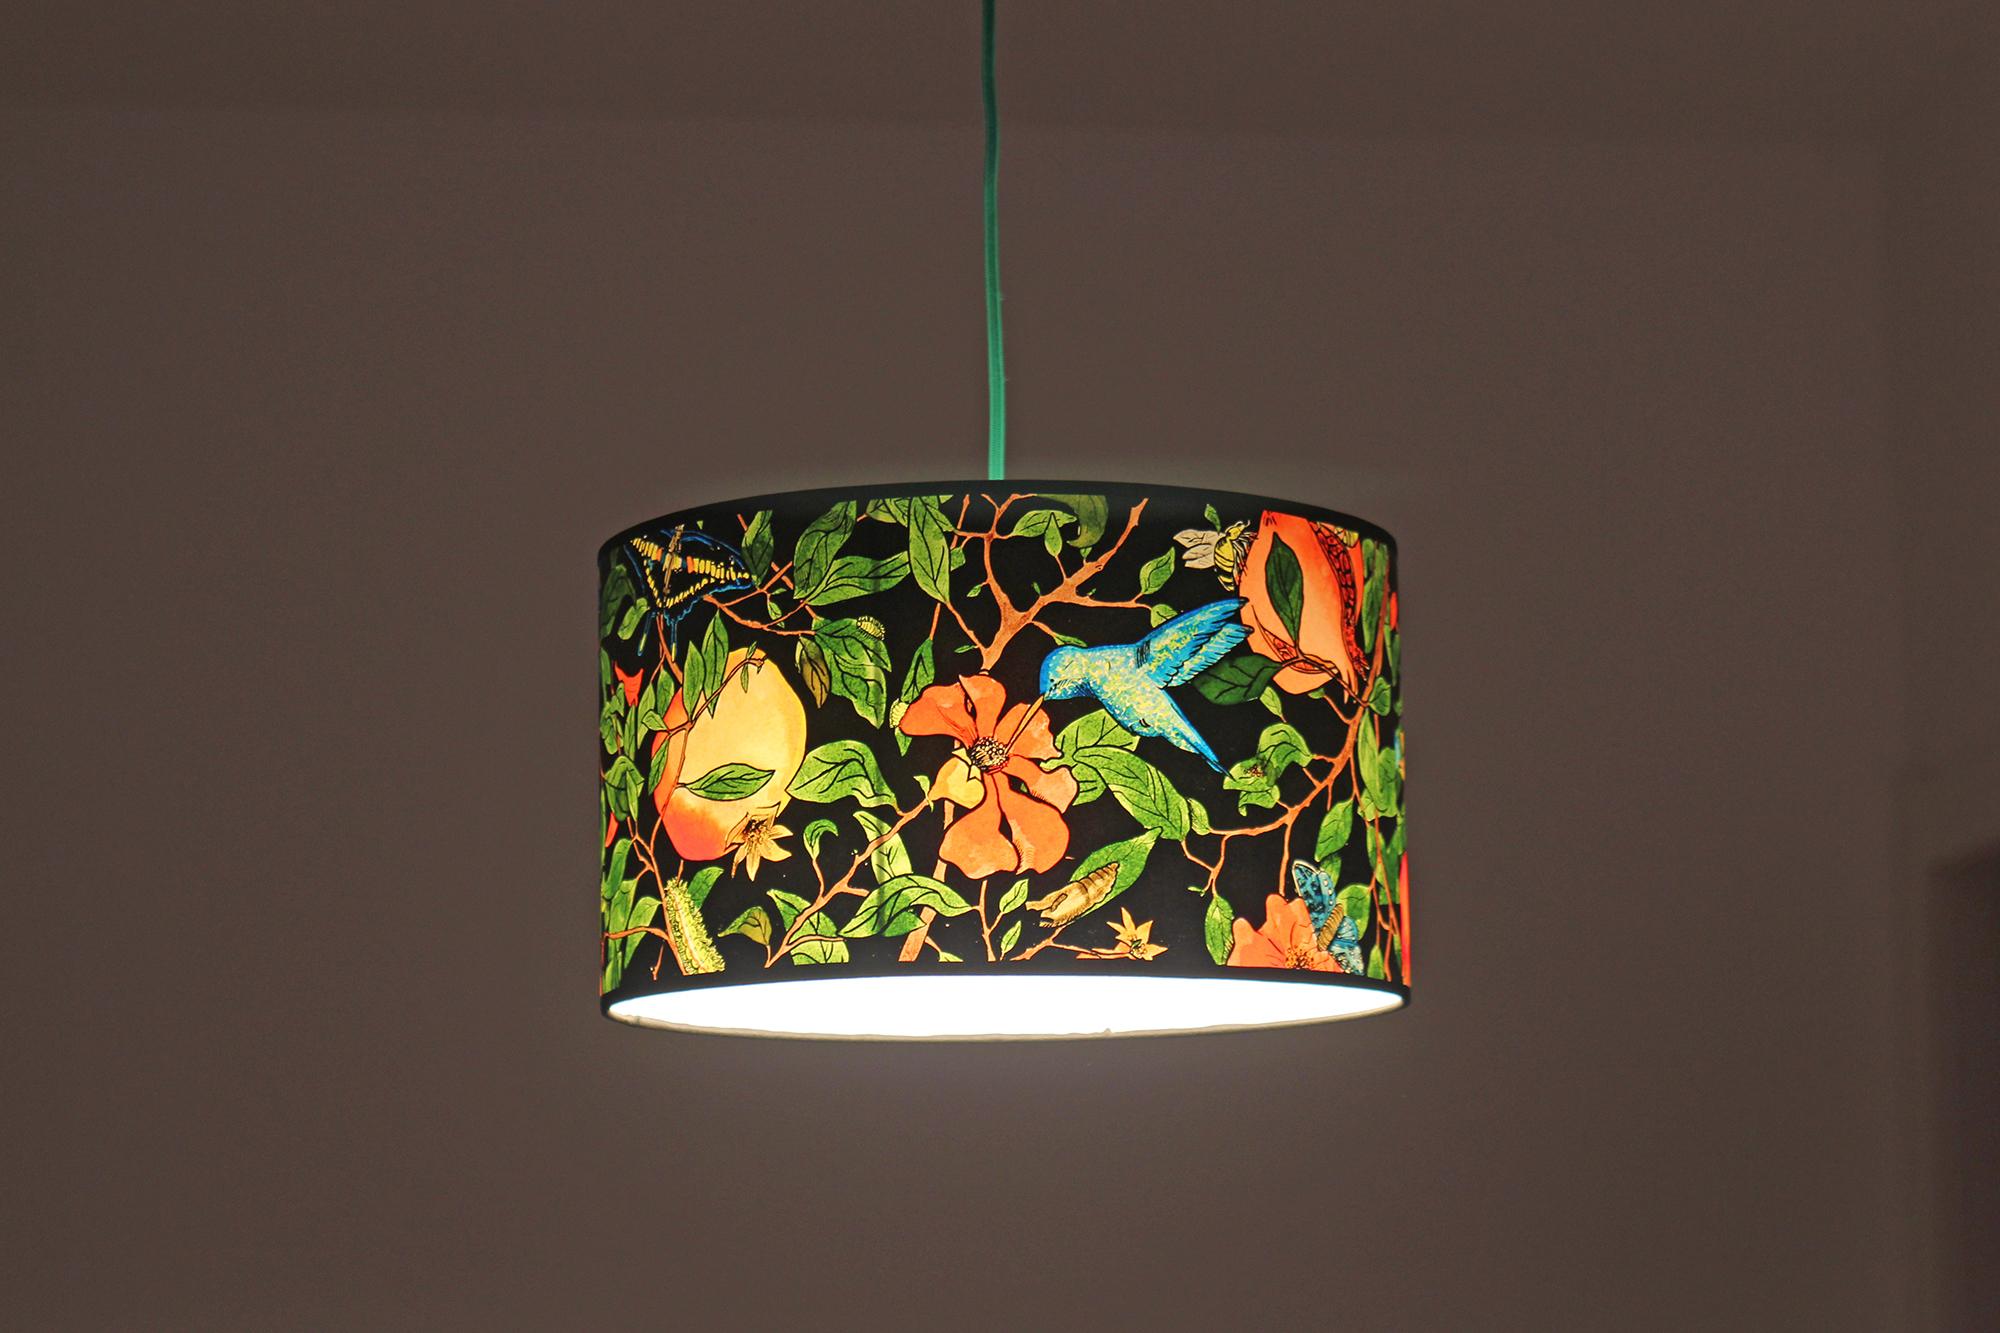 Lampara de techo colibri 35x20 luz de papel red2 - Lamparas de techo de papel ...